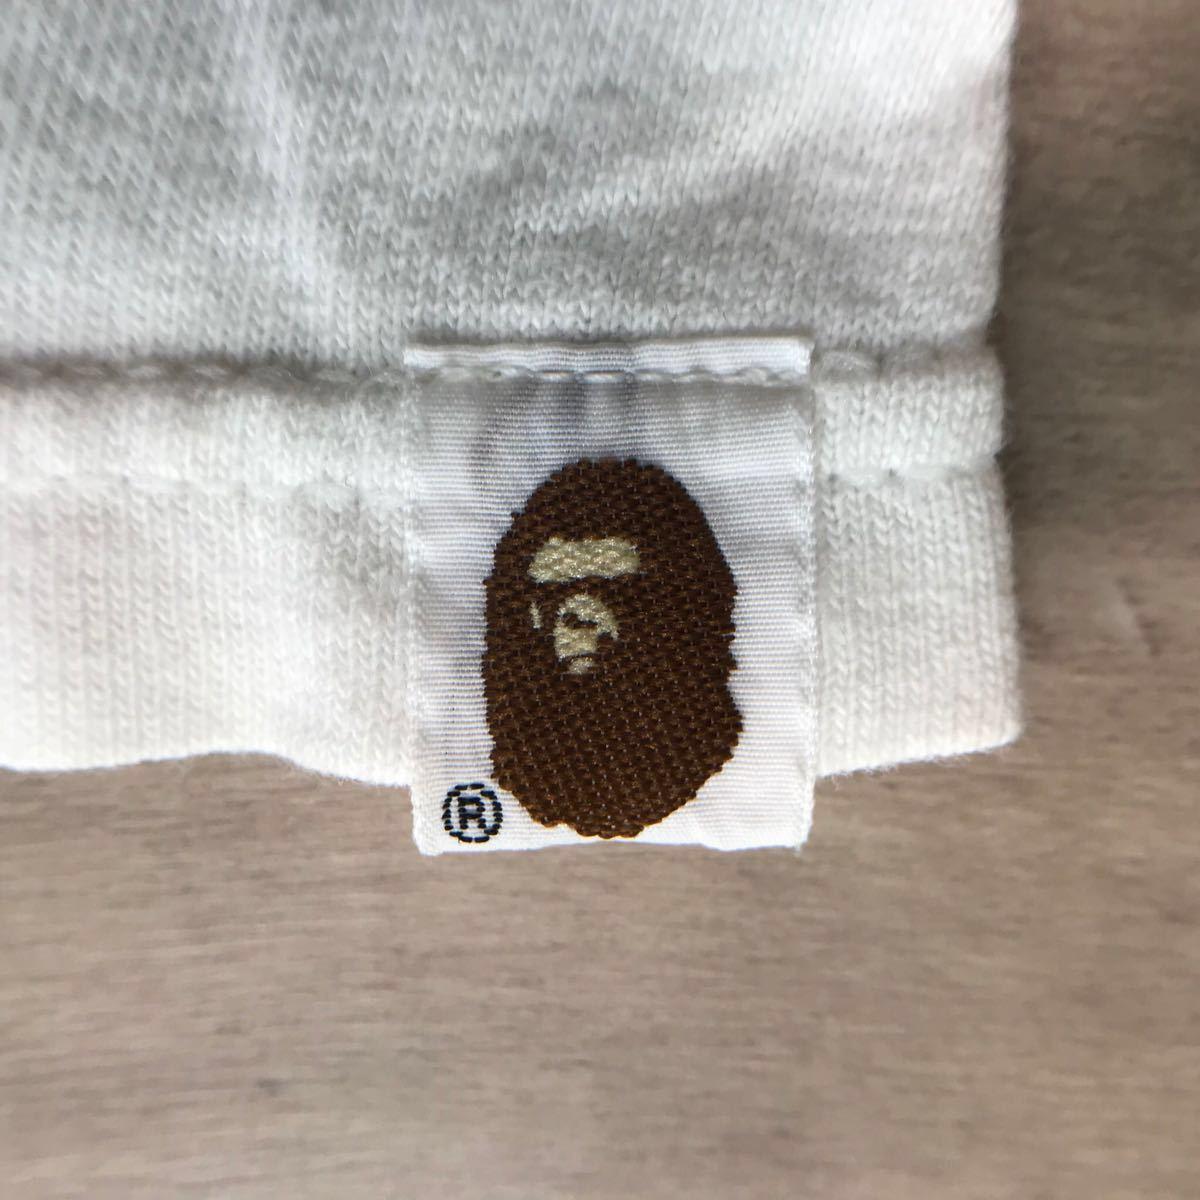 ★激レア★ supreme × bape box logo Tシャツ Lサイズ a bathing ape sta camo psyche シュプリーム ボックスロゴ nigo vintage